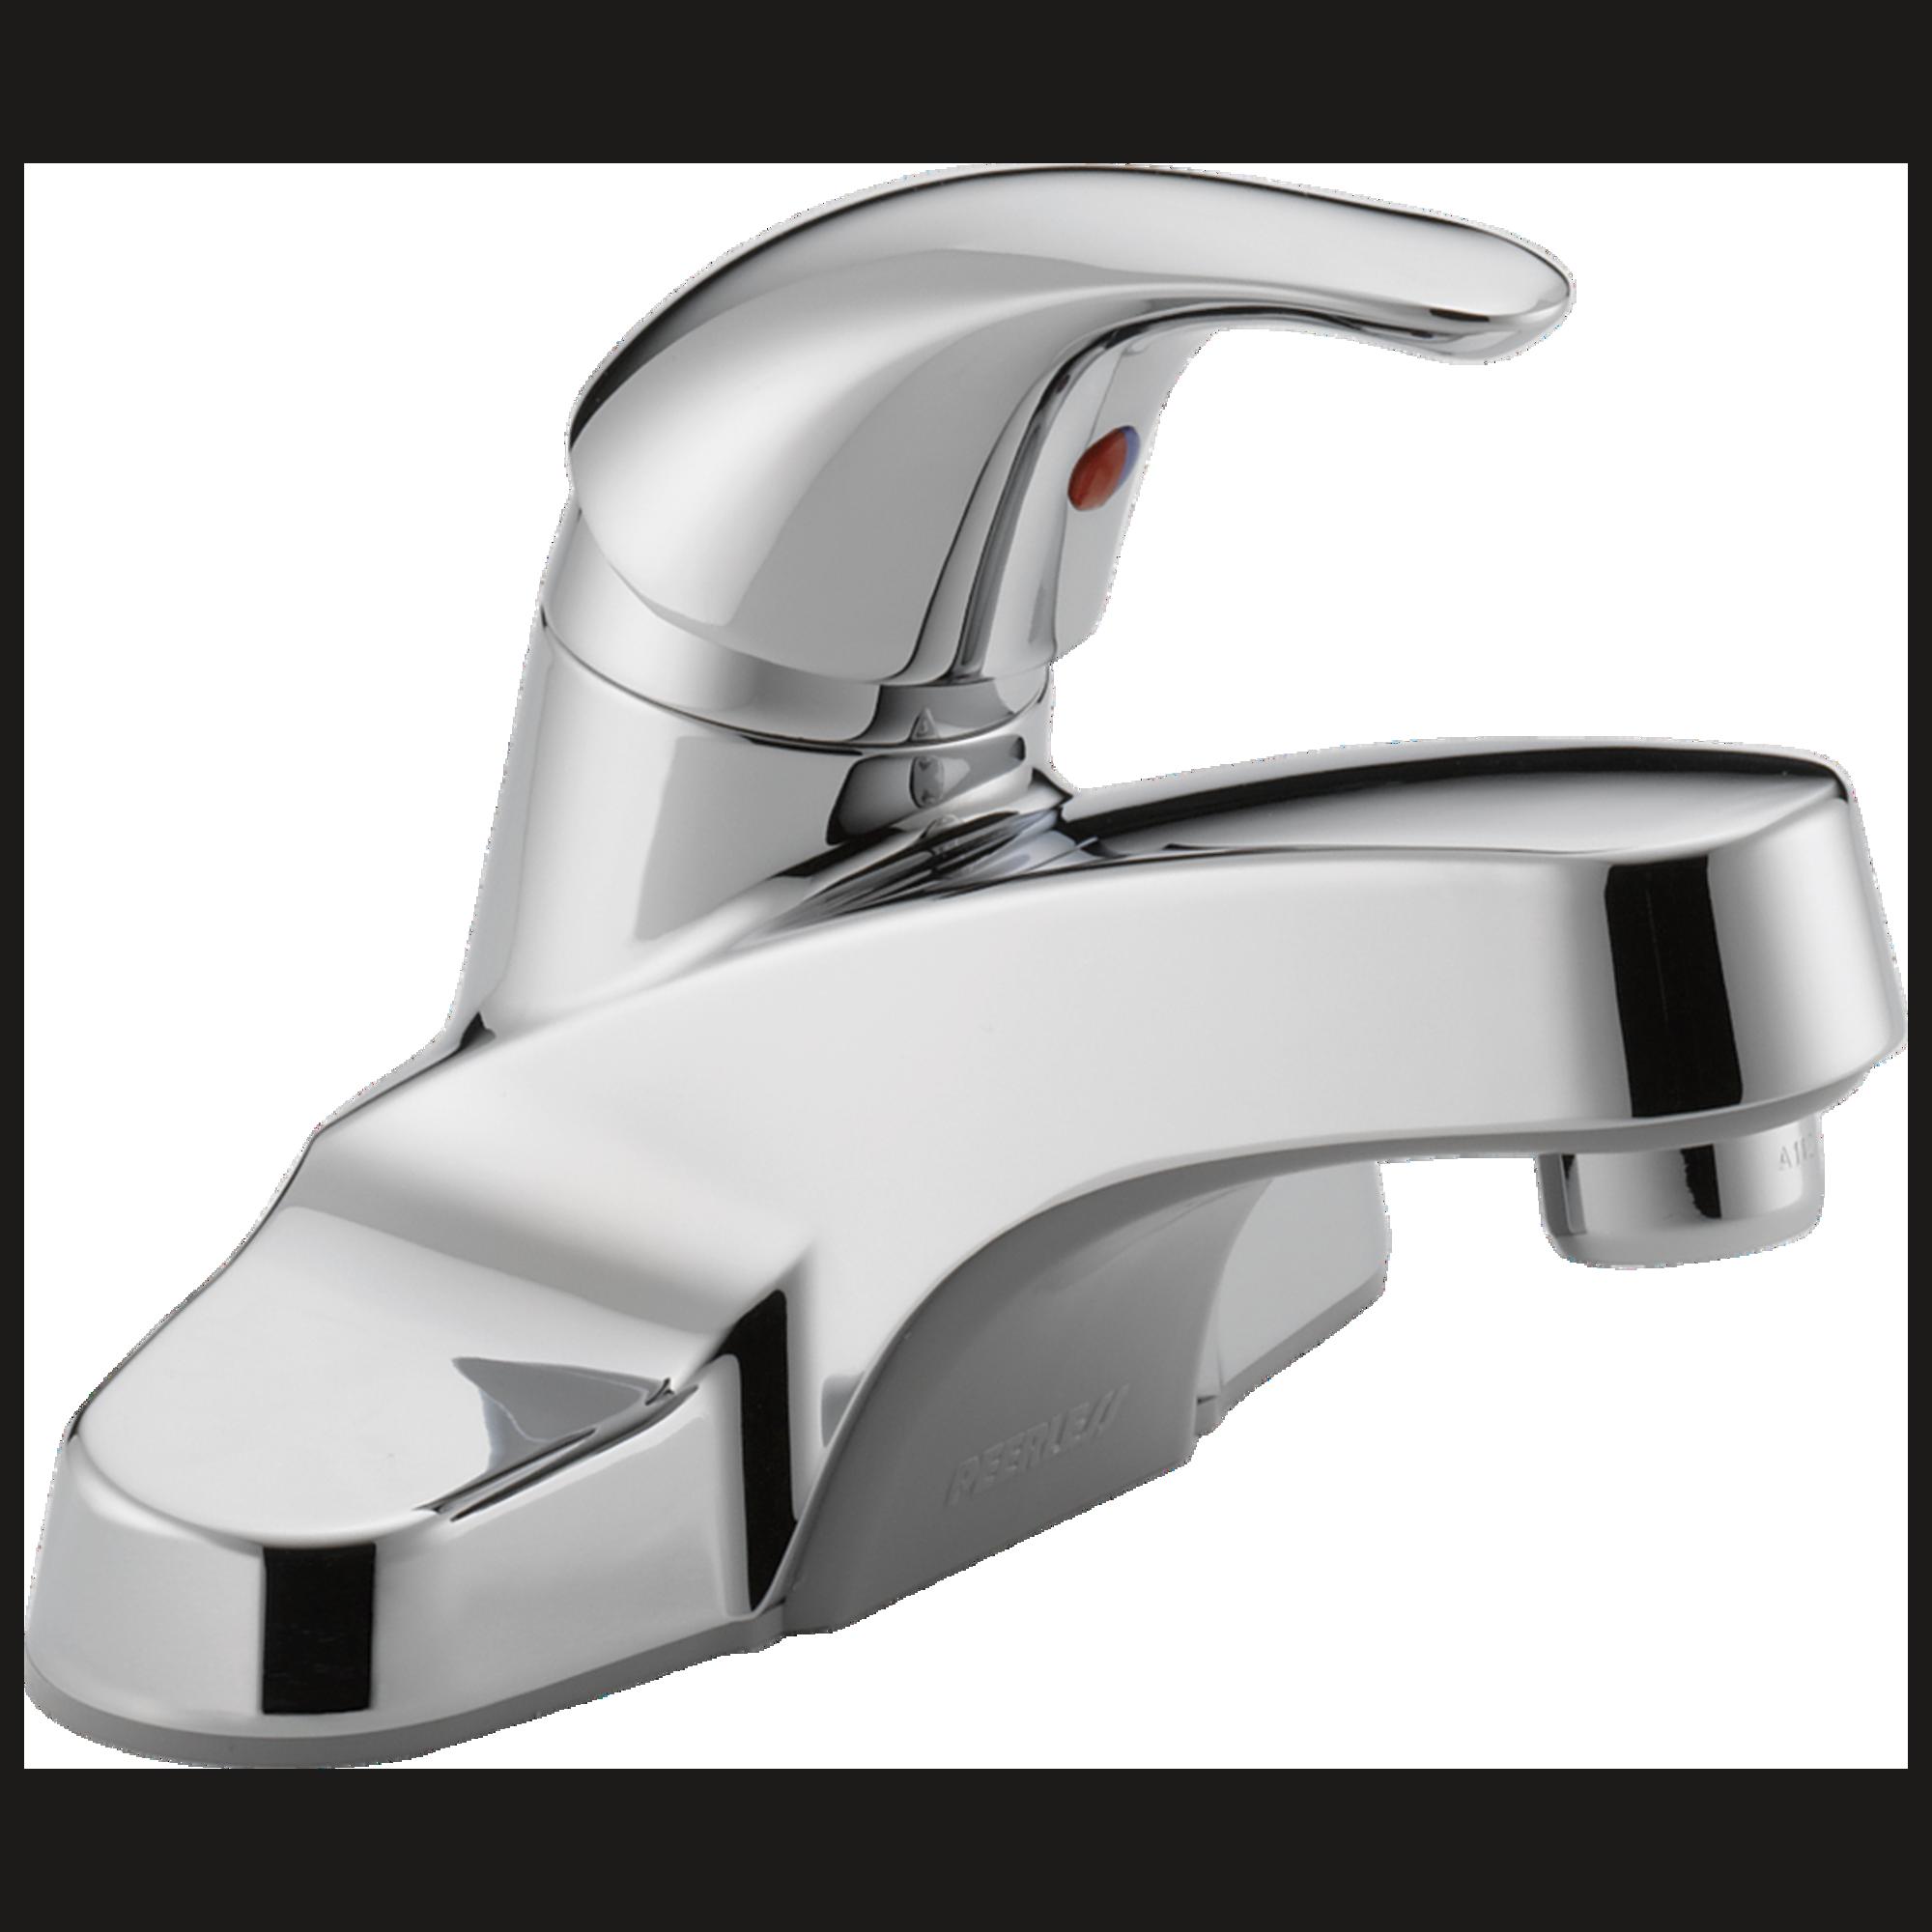 New Delta Classic Faucet Kitchen Faucet Idea